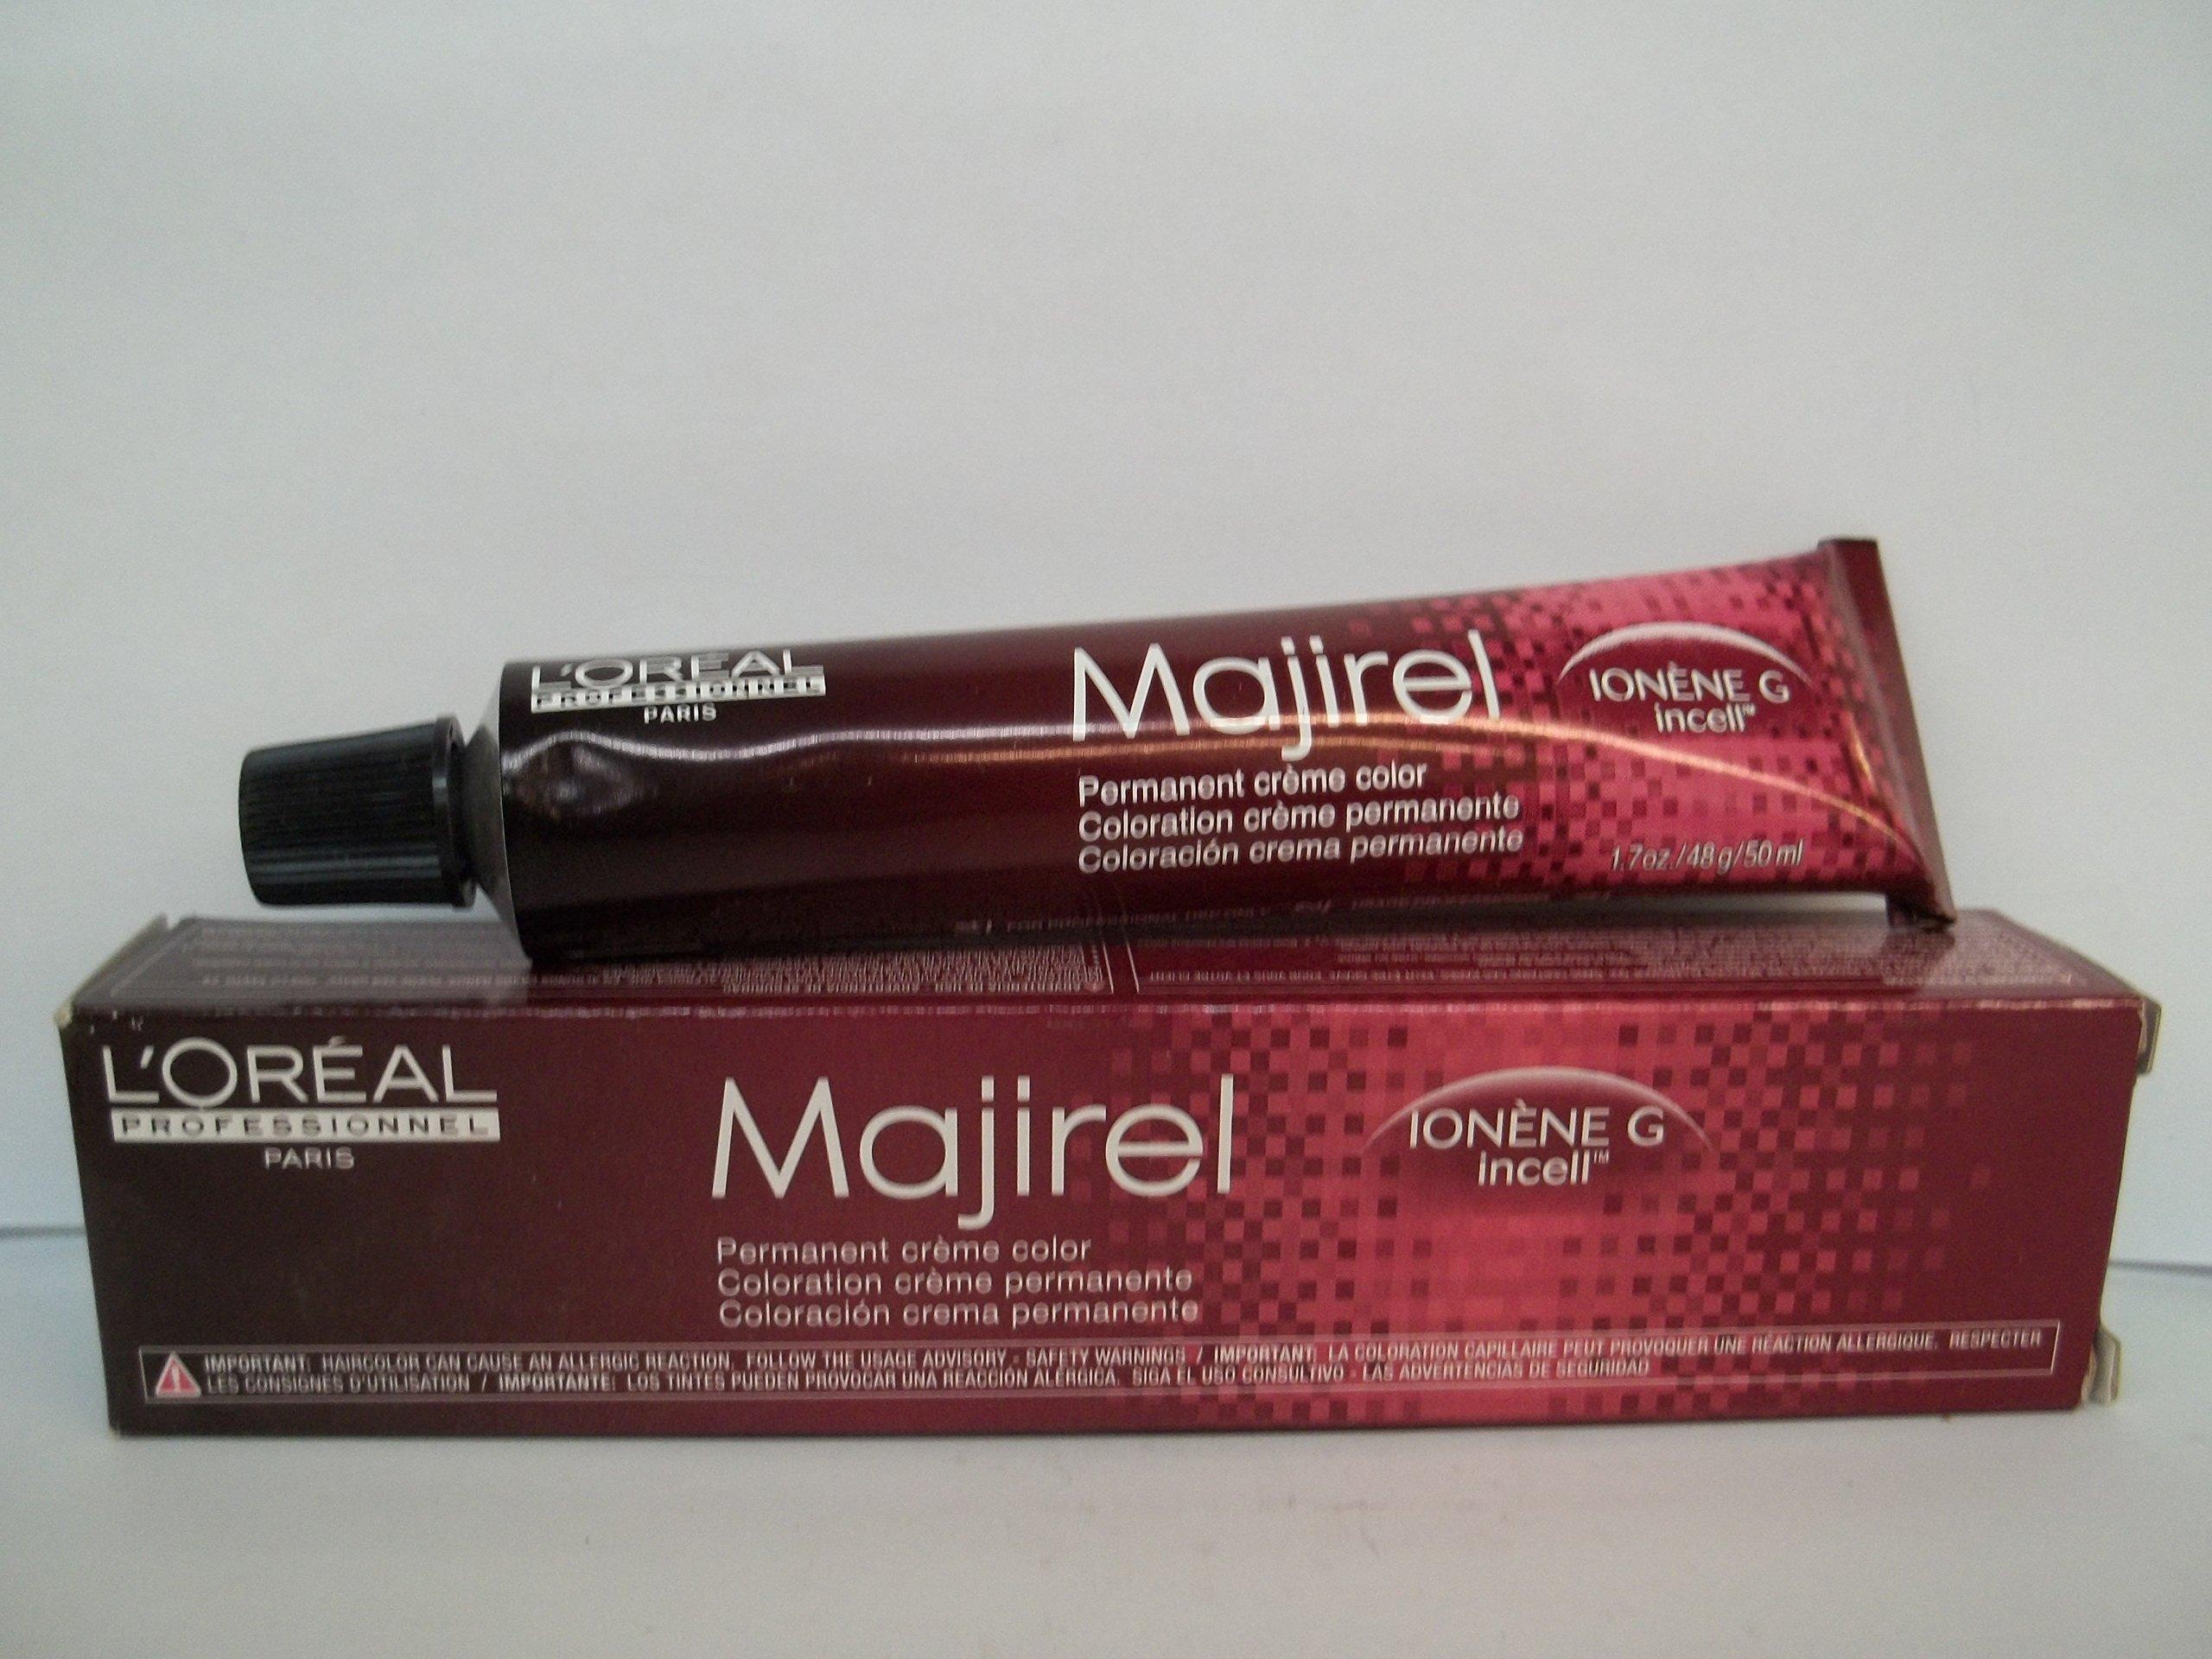 L'Oreal Majirel 7.35